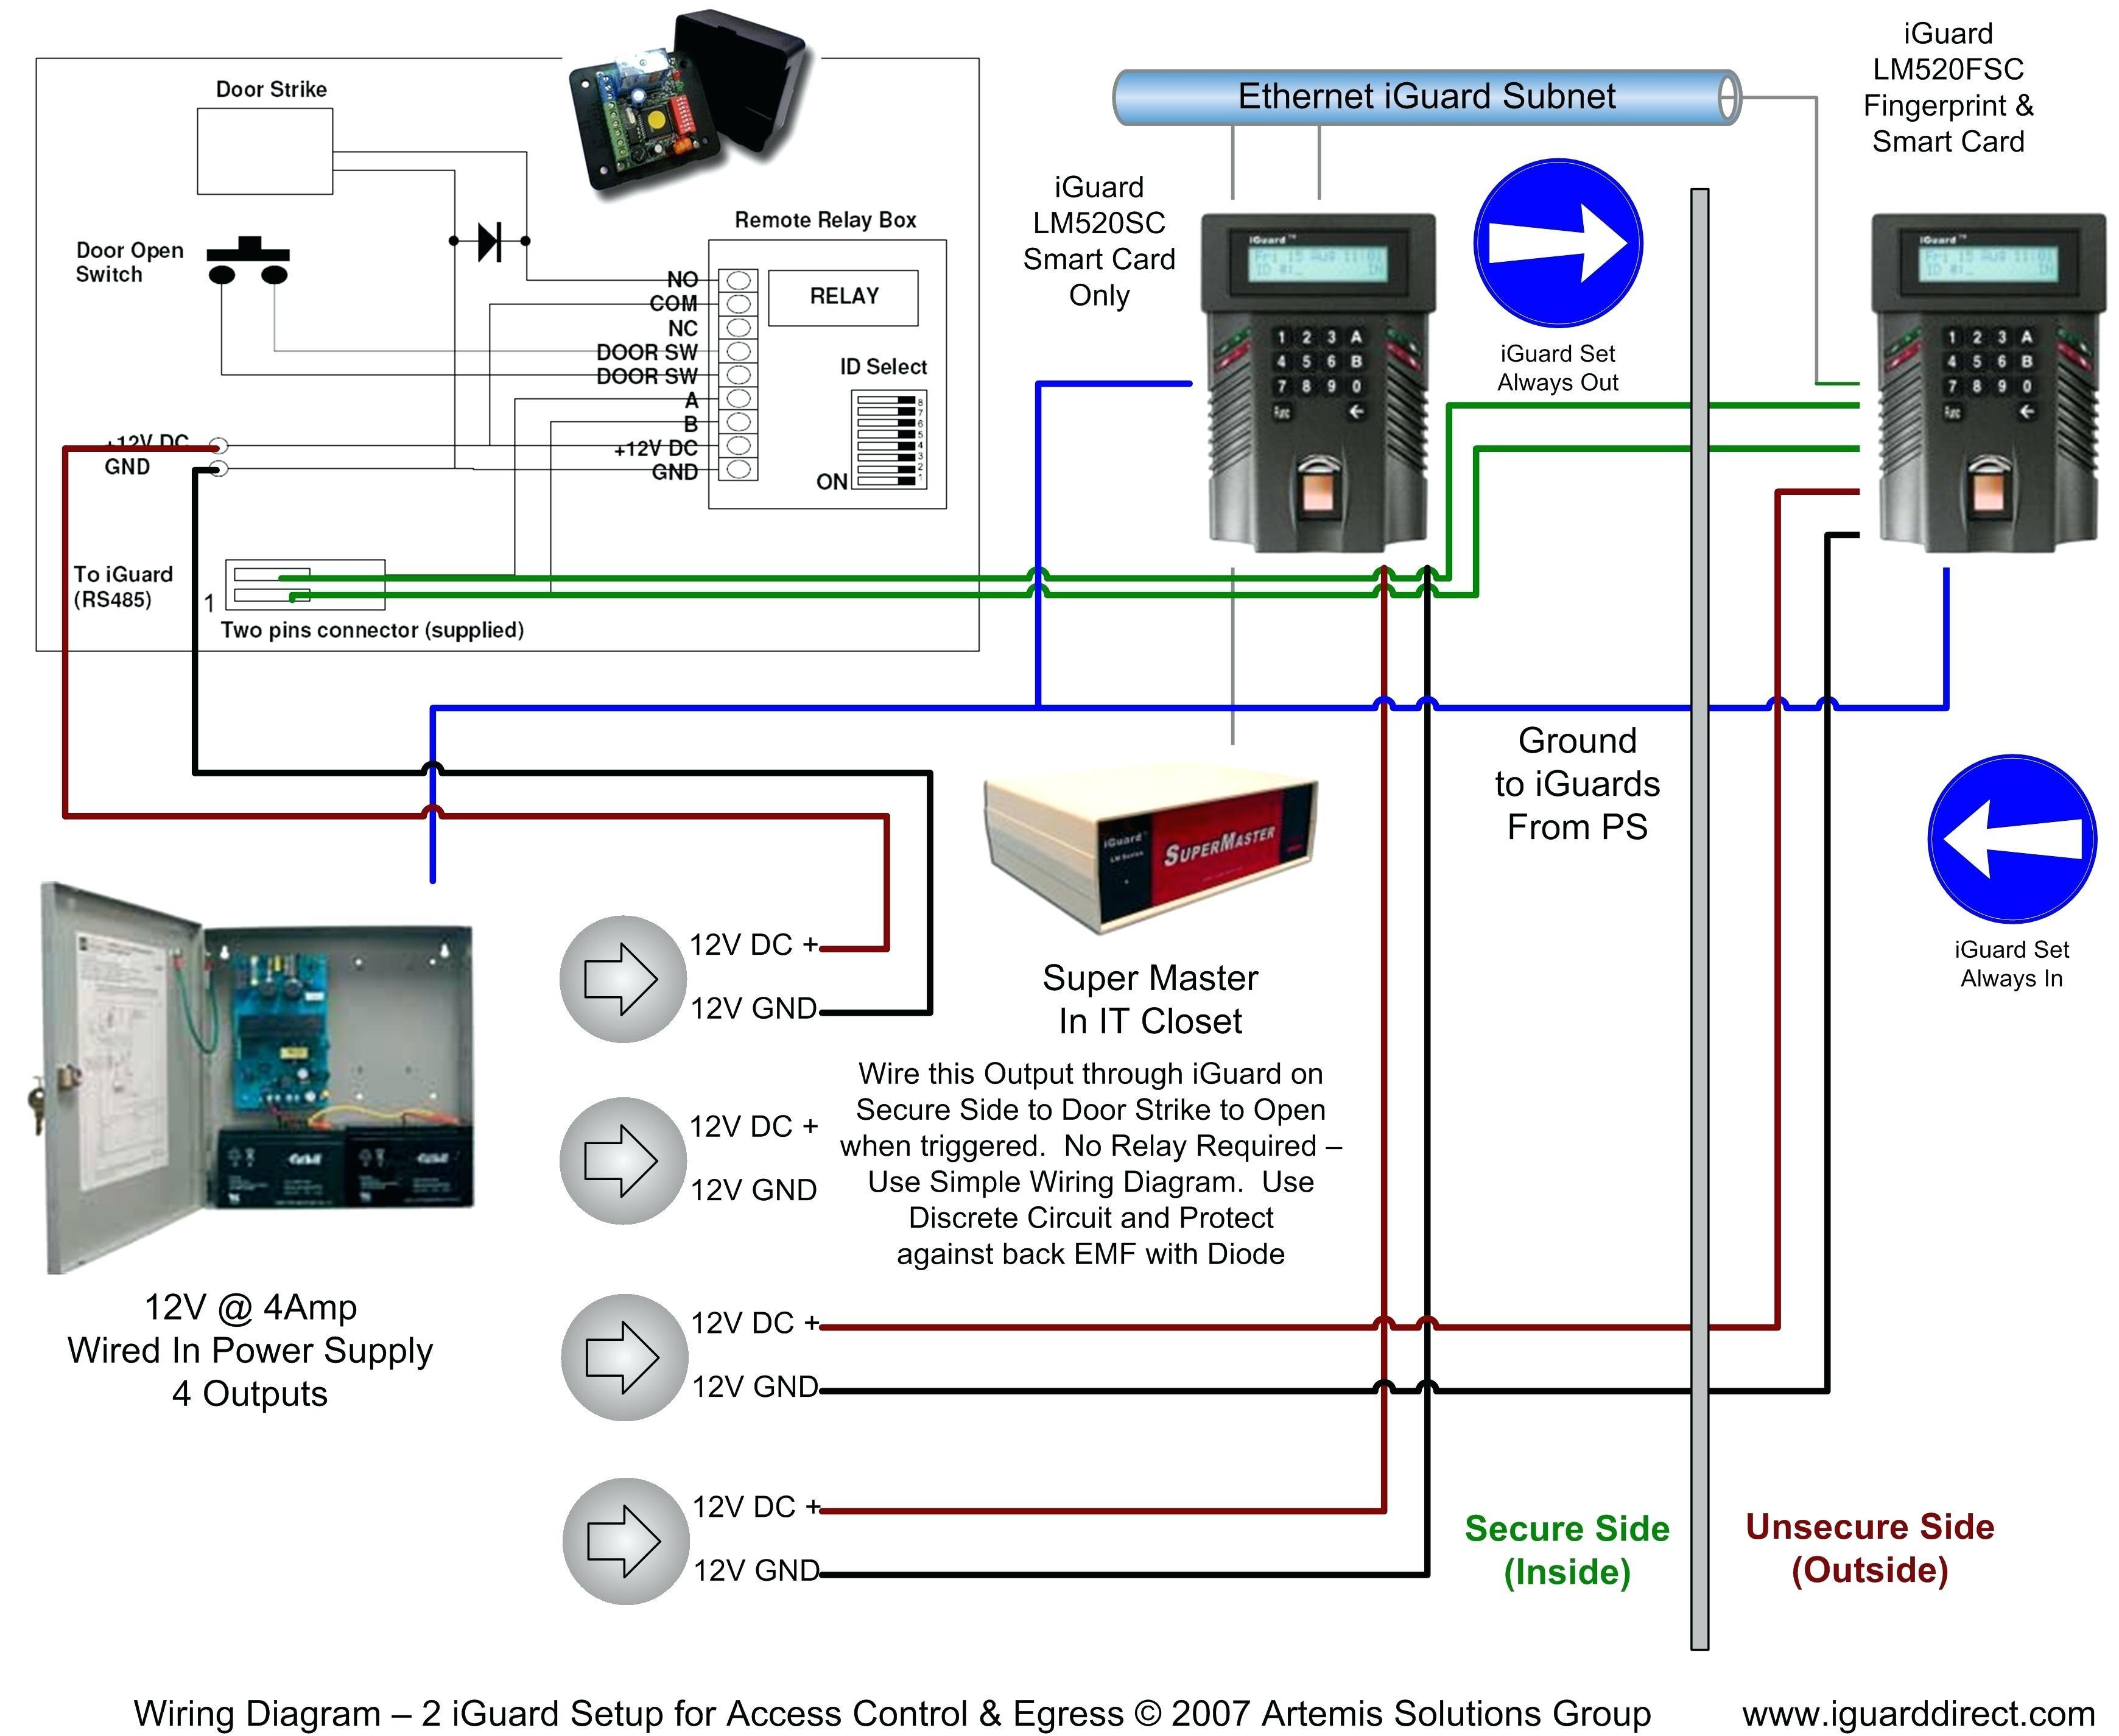 lenel 2220 wiring diagram lenel 1320 wiring diagram canopi my 2 channel amp wiring diagram lenel 2220 wiring diagram lenel 1320 wiring diagram canopi of lenel 2220 wiring diagram lenel 1320